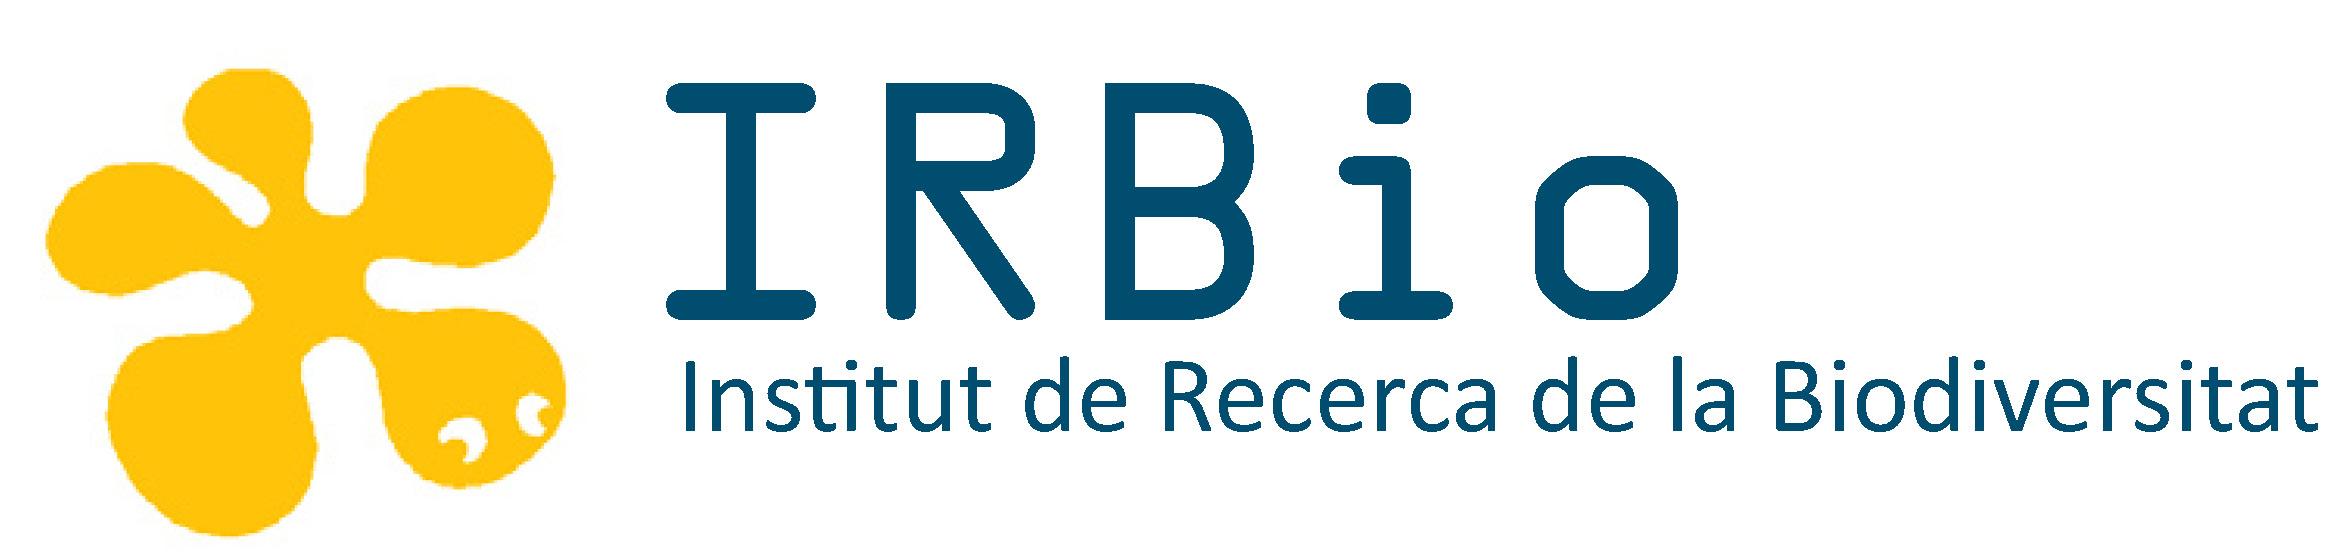 IRBio